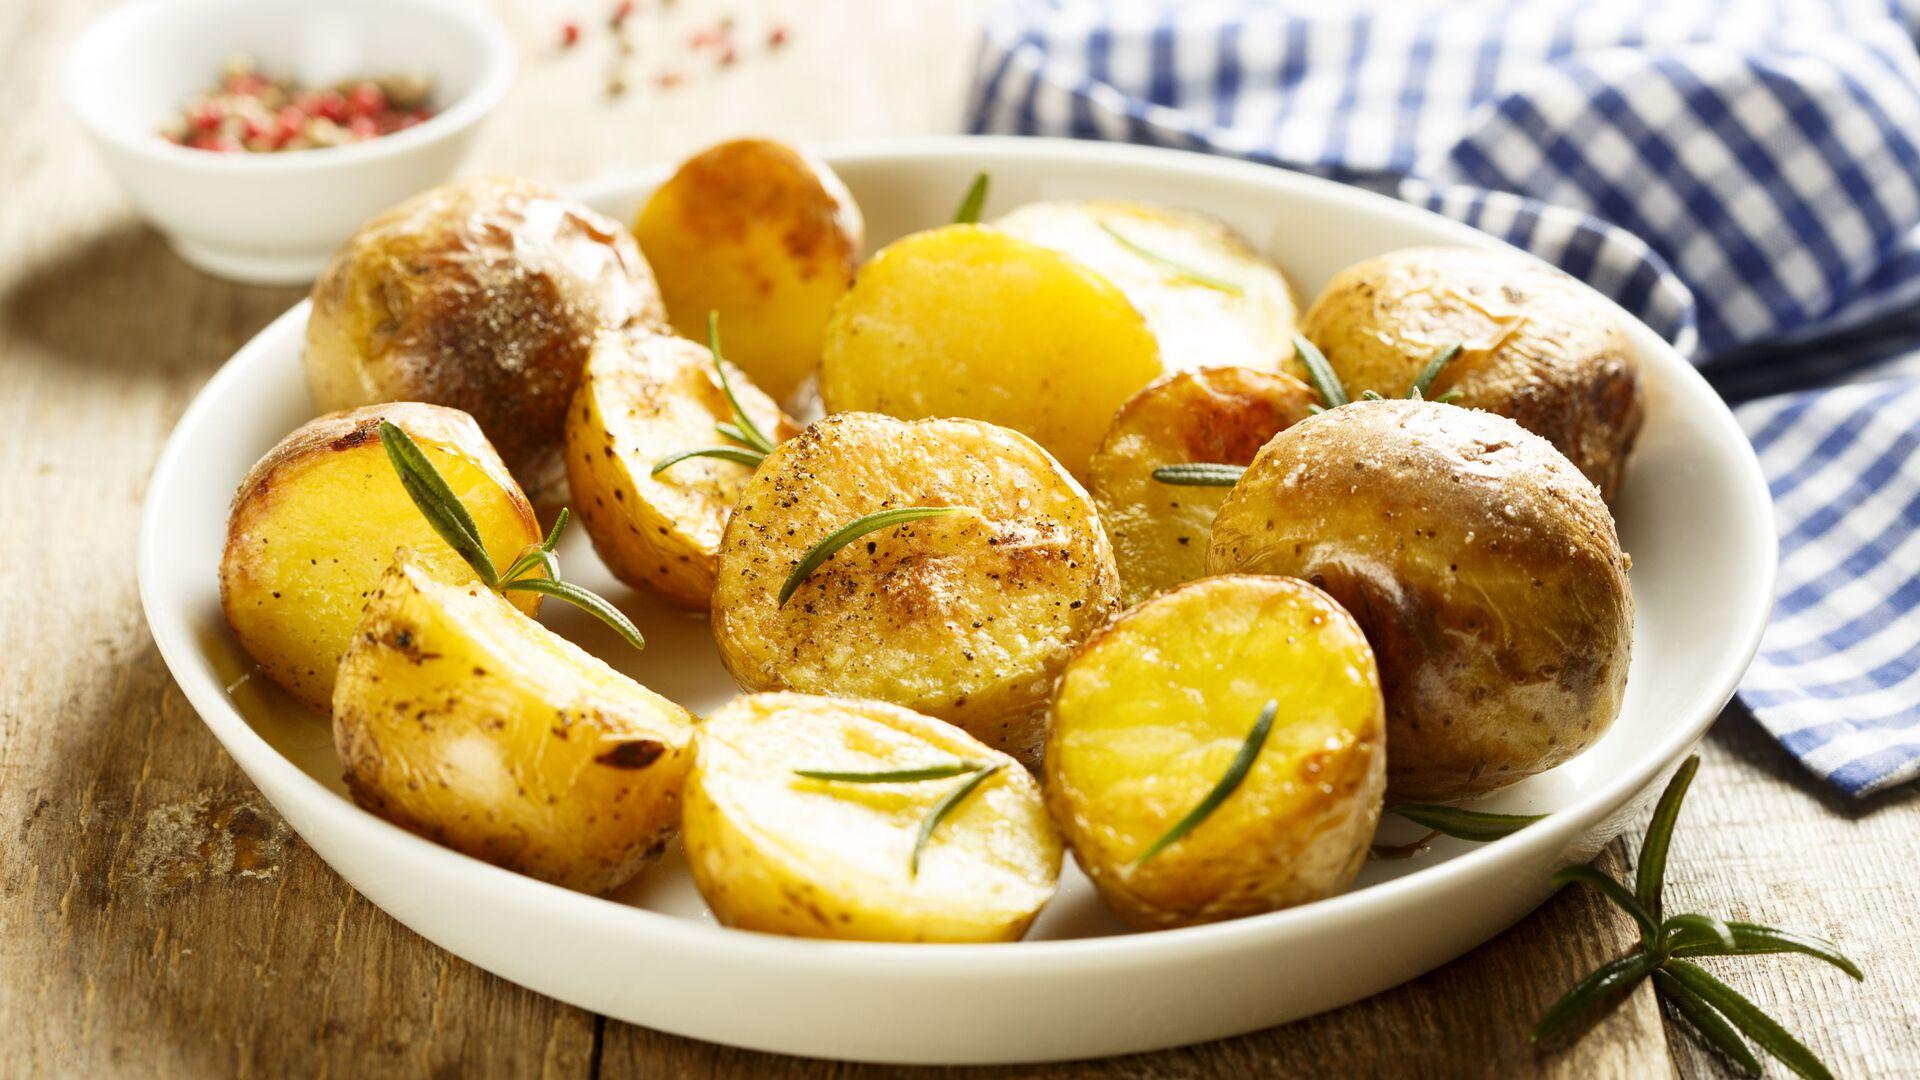 Pečené brambory s rozmarýnem - Sputnik Česká republika, 1920, 01.04.2021